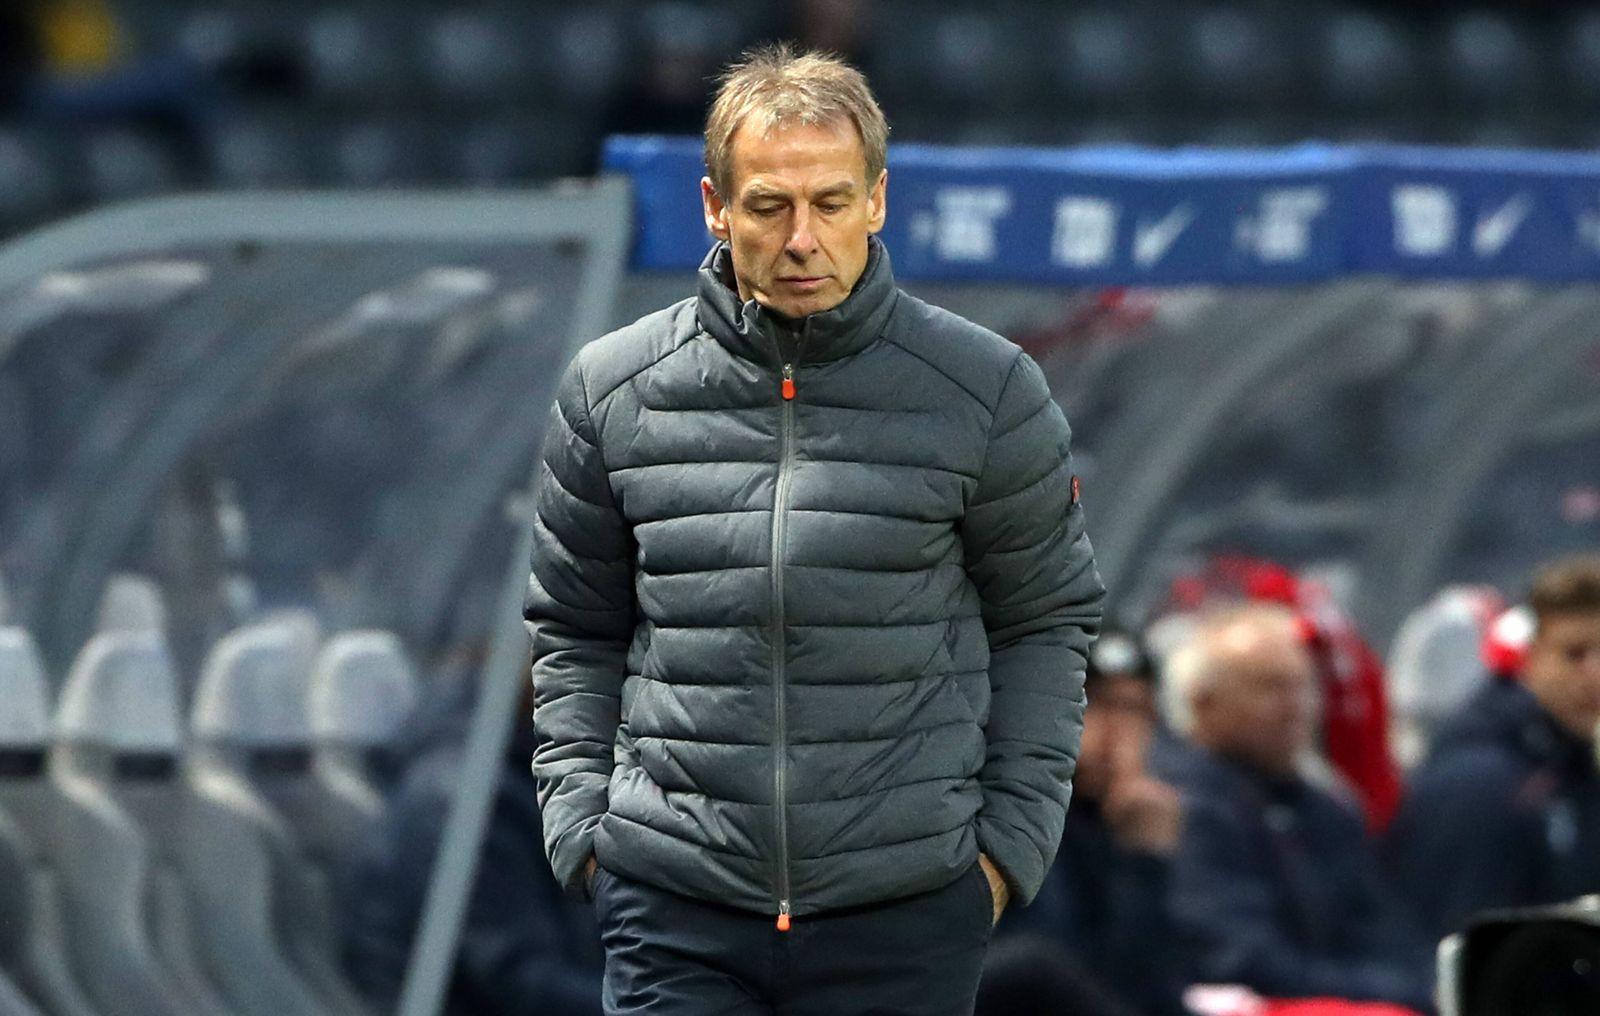 Trainer Jürgen Klinsmann enttäuscht / Enttäuschung / / Fußball Fussball / DFL Bundesliga Herren / Saison 2019/2020 / 08.